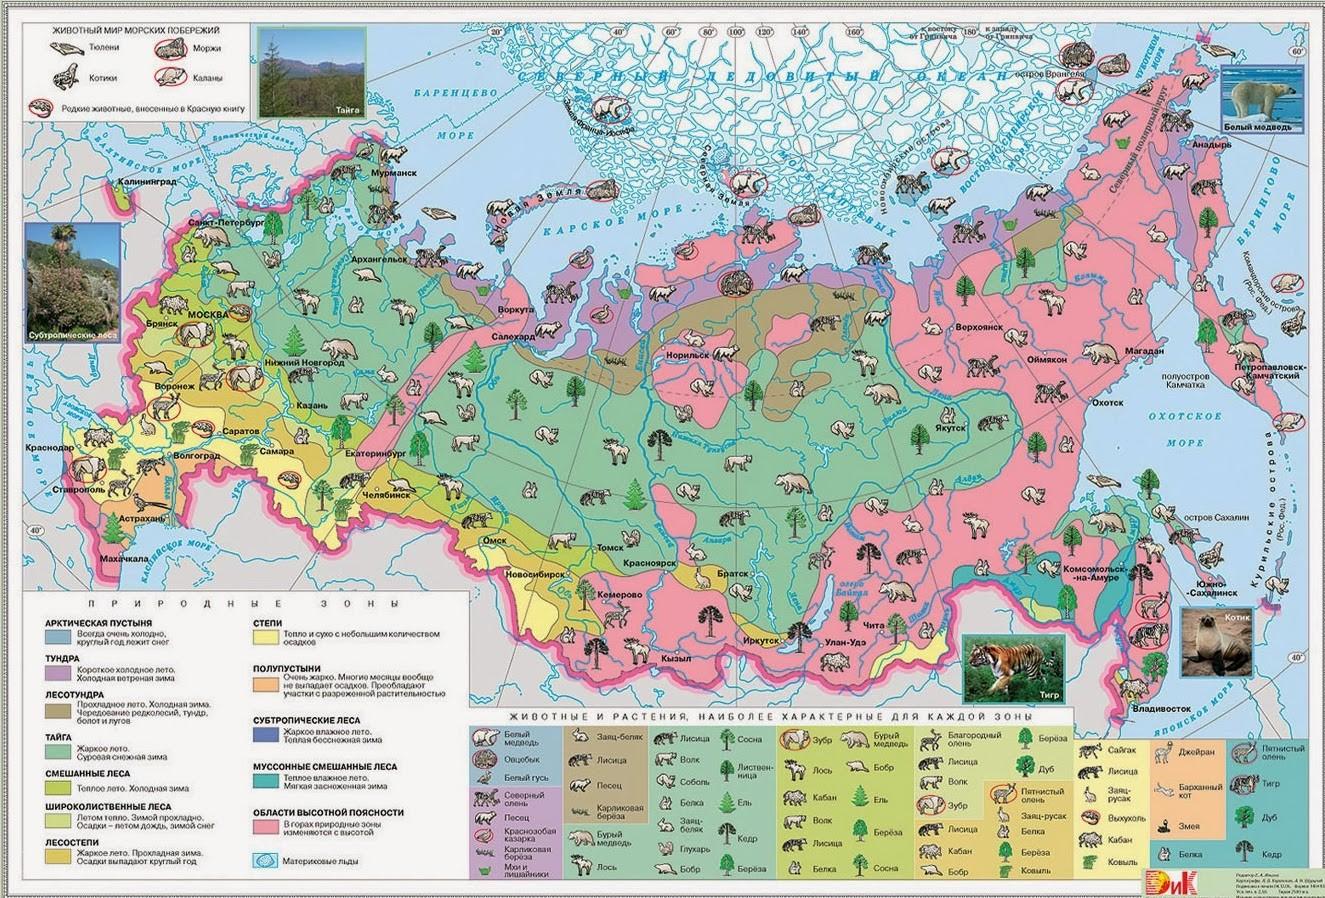 Растительные зоны России